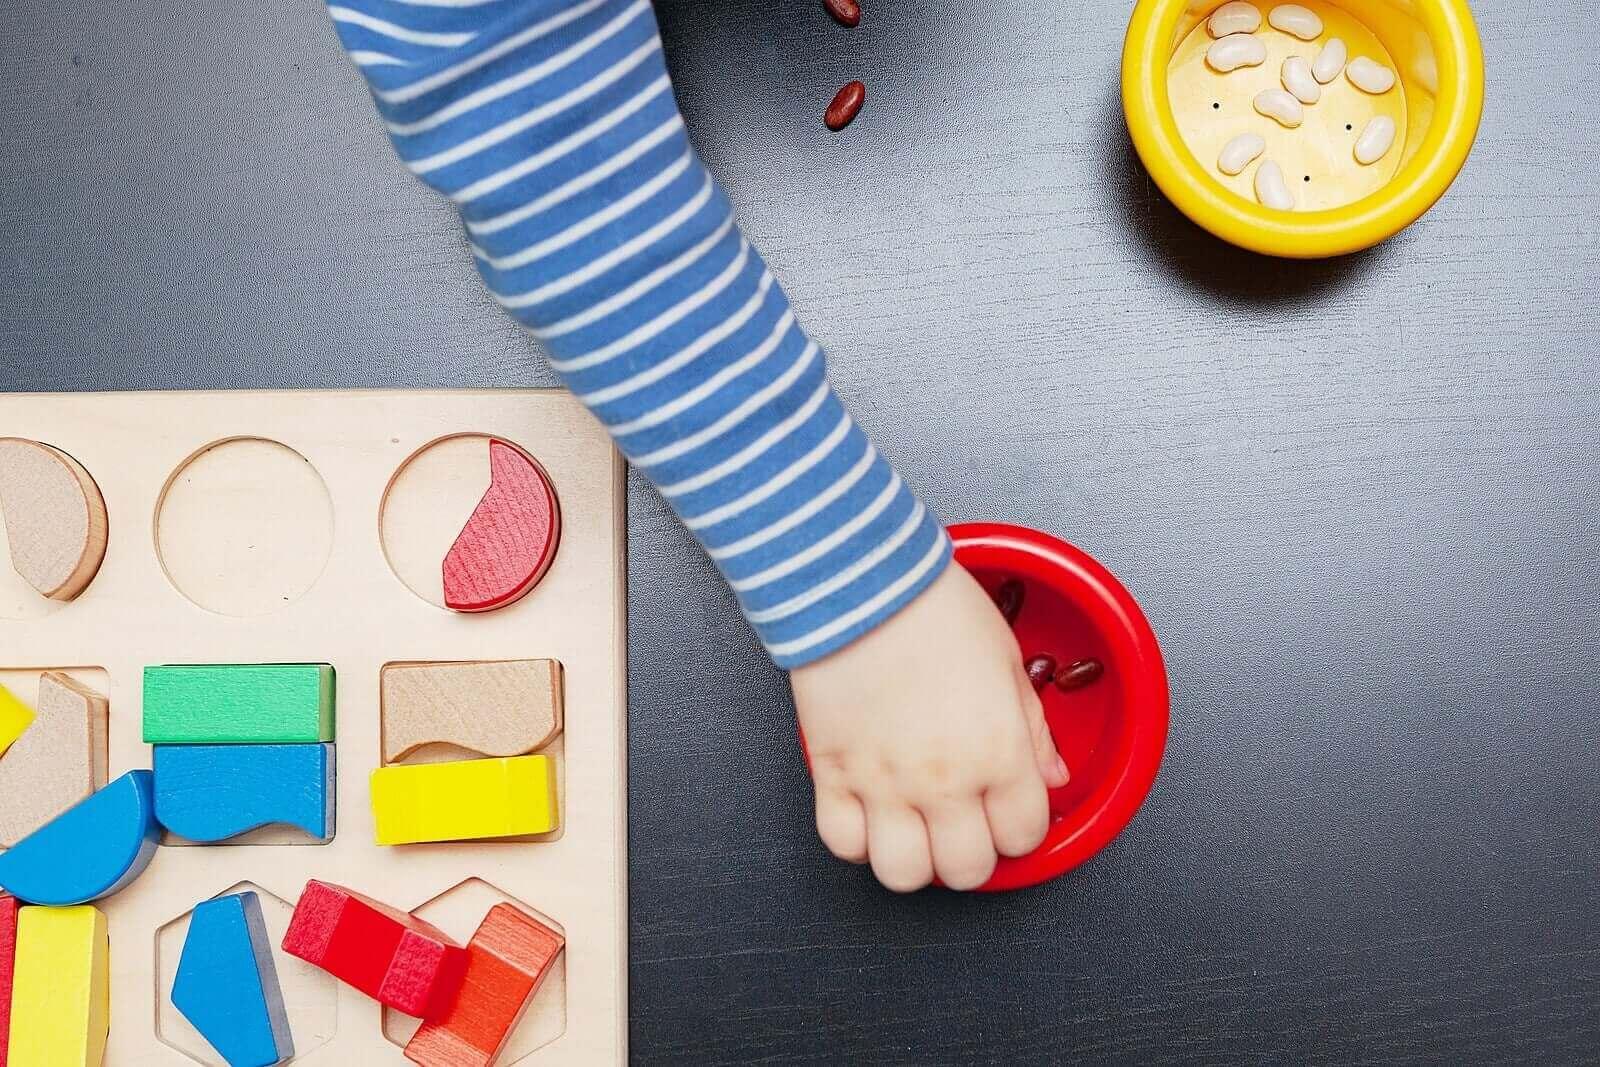 Mitä ovat Montessori-pelilaudat ja mitä hyötyä niistä on?